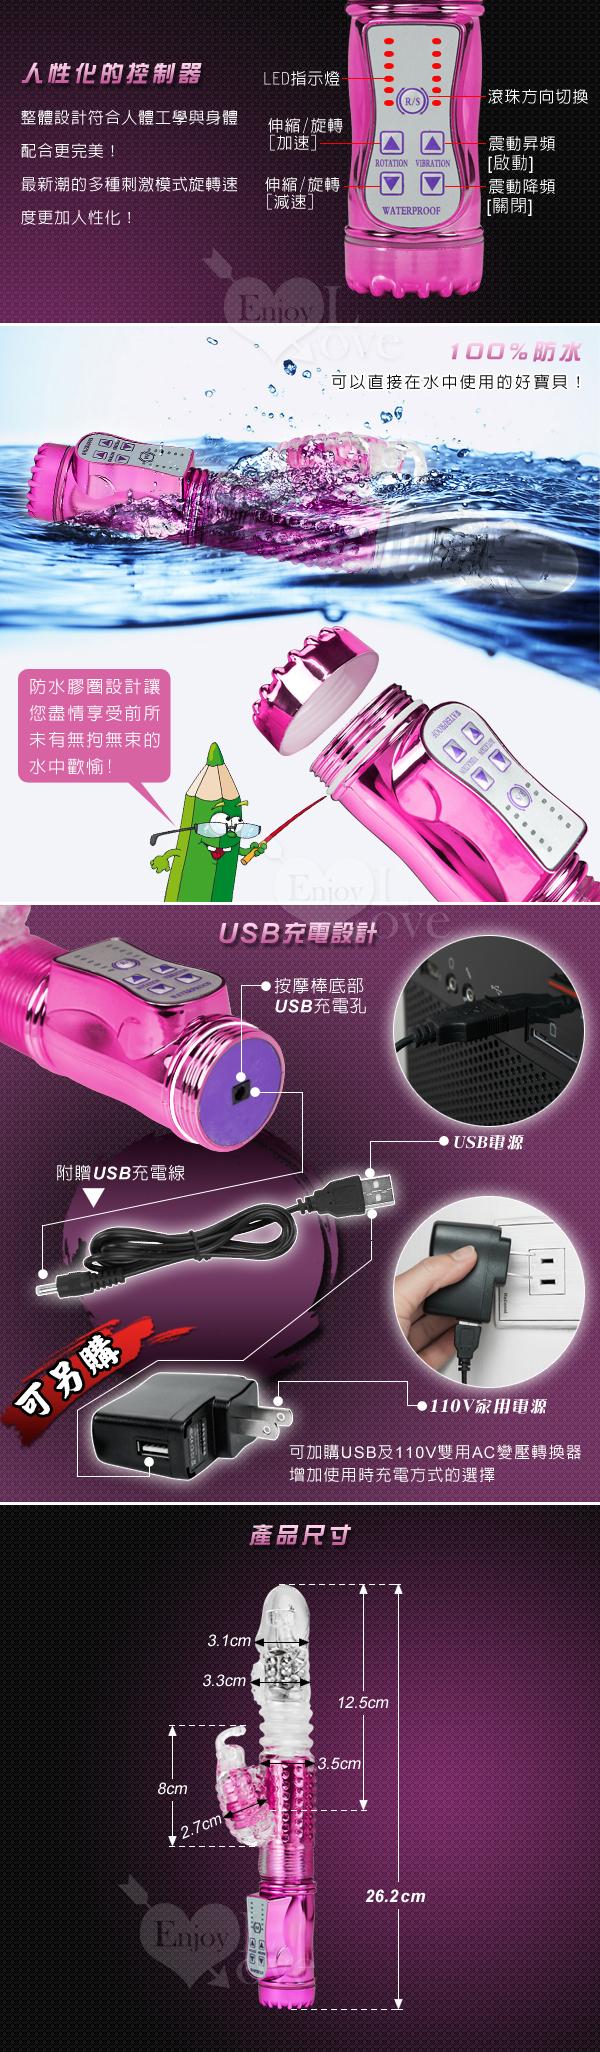 淫樂蝴蝶秀‧8迴旋X36段變頻滾珠伸縮USB充電式按摩棒﹝亮彩紅﹞